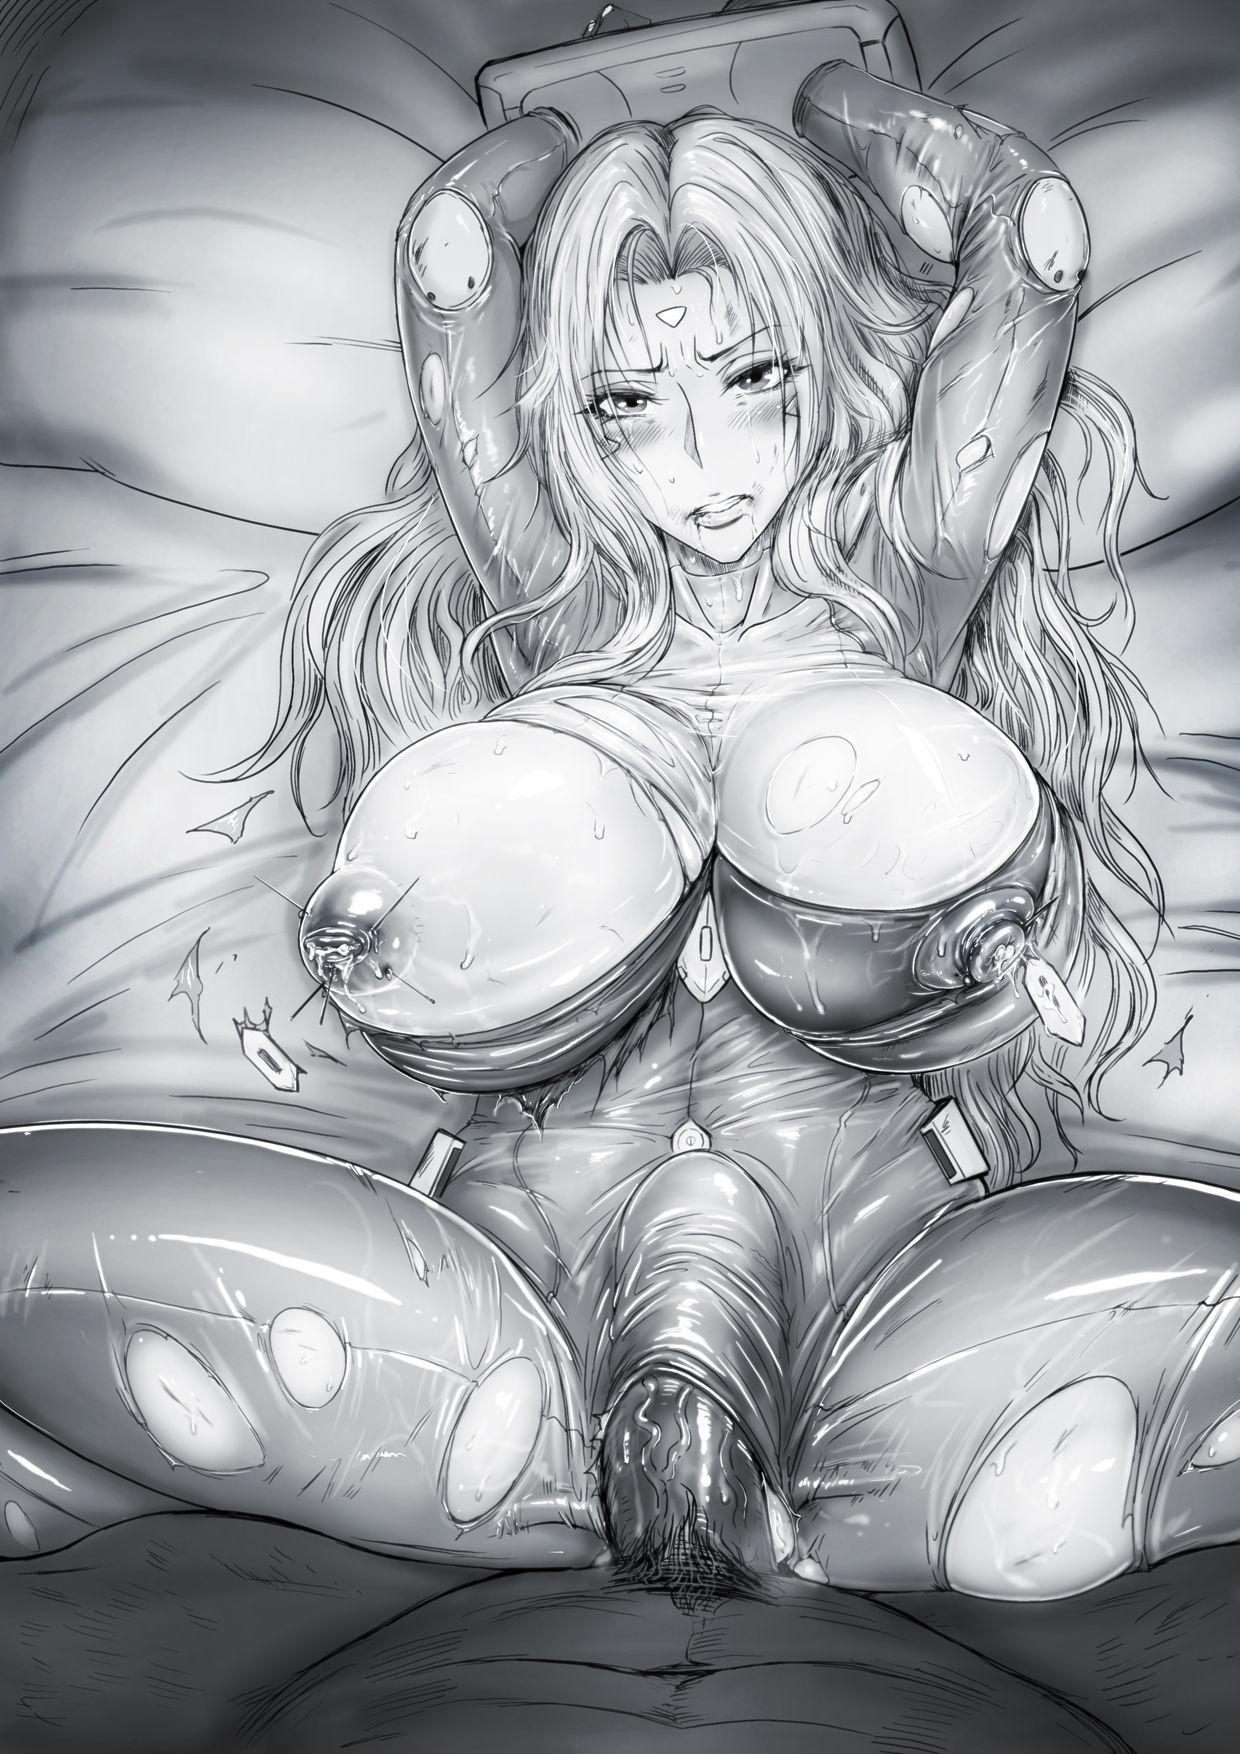 淫虐02-草图(2021.1.16 更新) 0